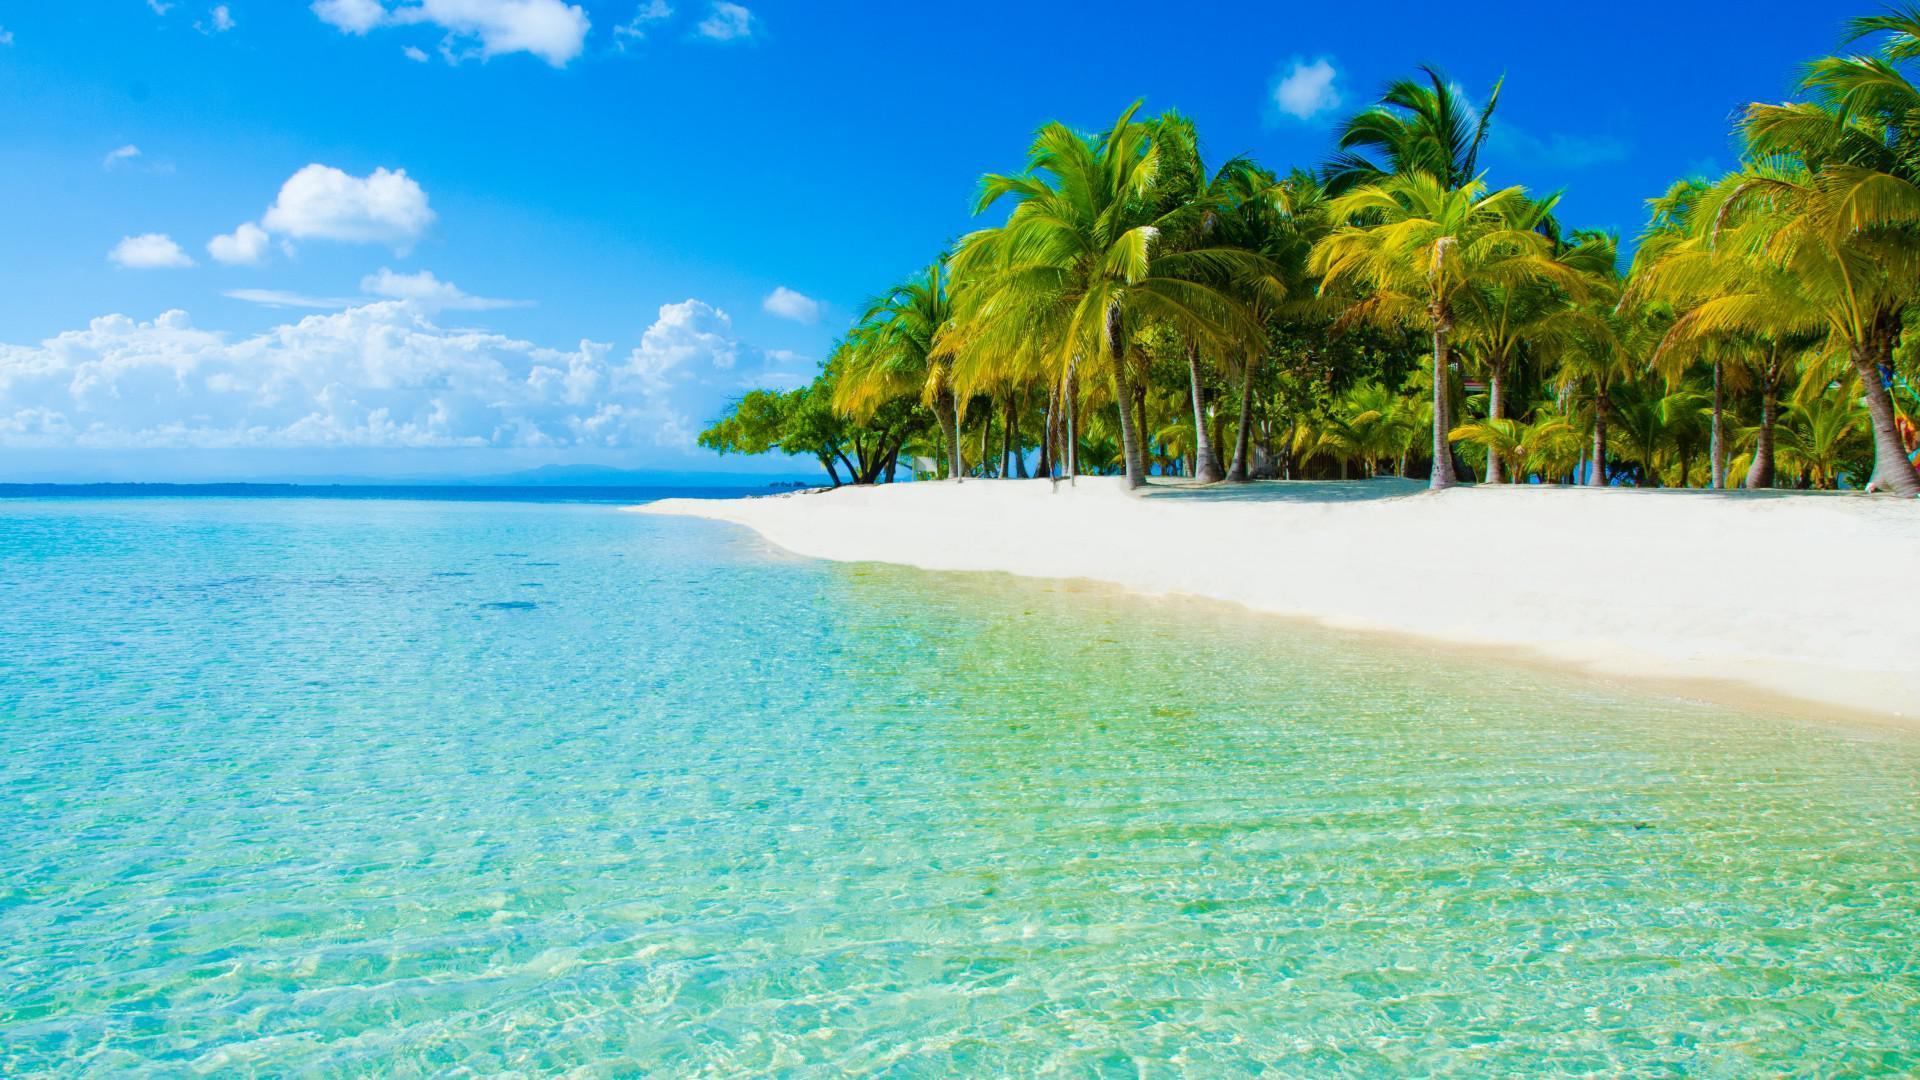 wallpaper natura cielo nuvole mare spiaggia palme paesaggio hd widescreen alta